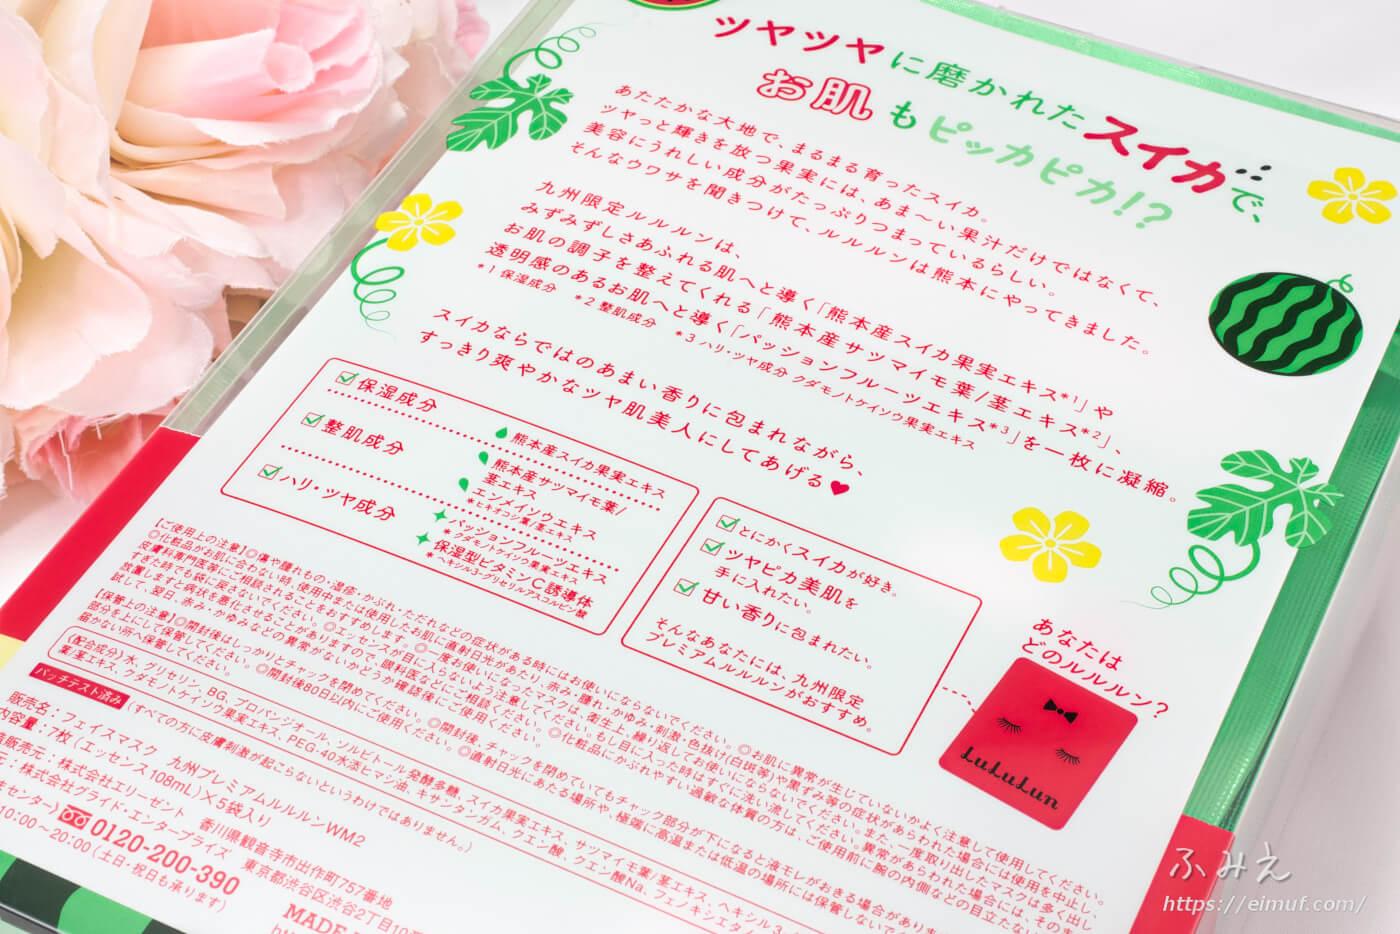 九州のプレミアムルルルン(スイカの香り) 7枚×5個入りパッケージ裏面